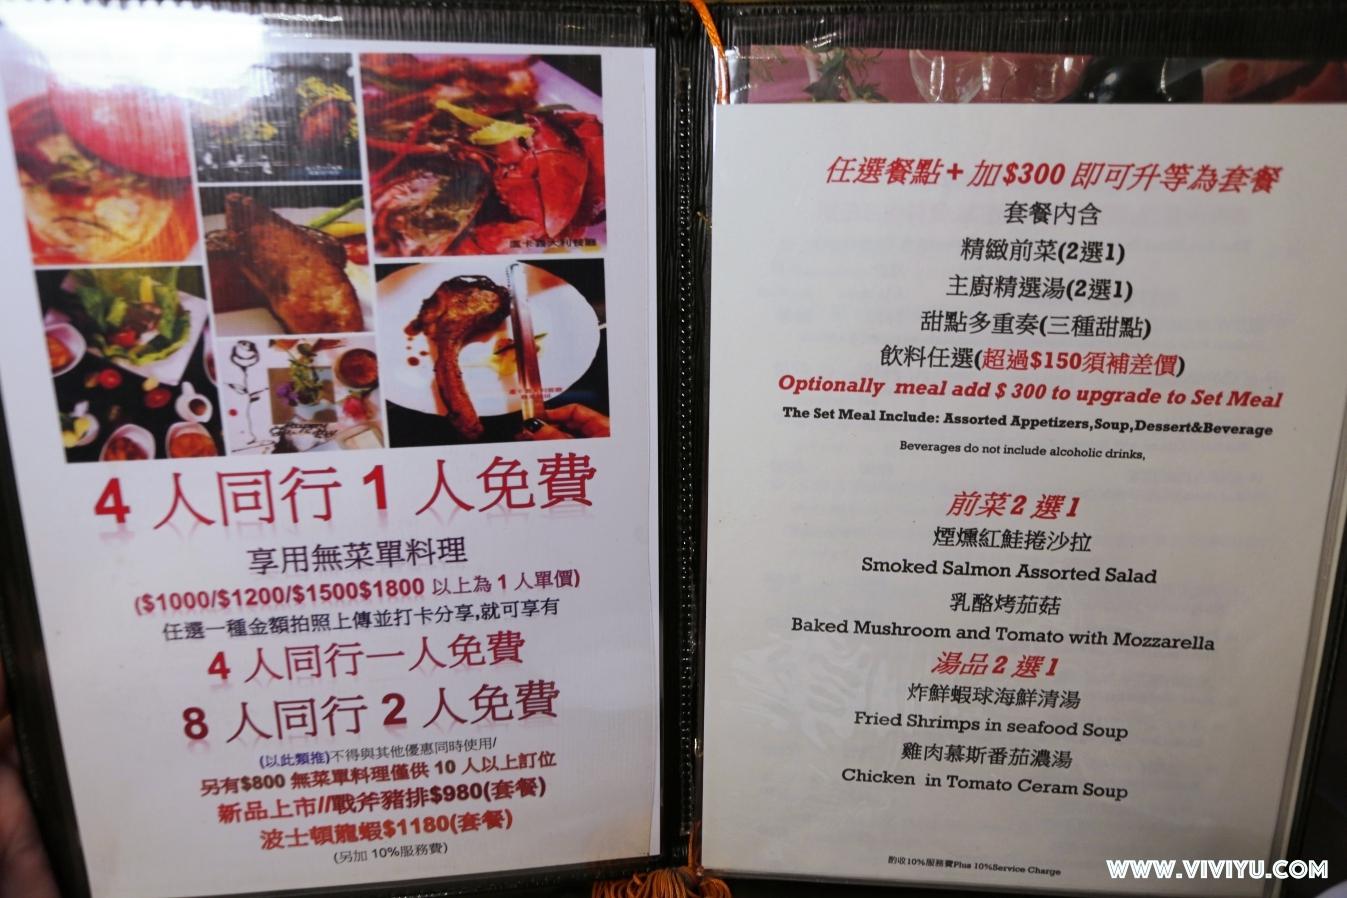 [龜山.美食]近林口華亞科技園區「盧卡義大利餐廳』~無菜單料理.四人同行一人免費.壽星送蛋糕(母親節優惠加碼贈手工皂) @VIVIYU小世界